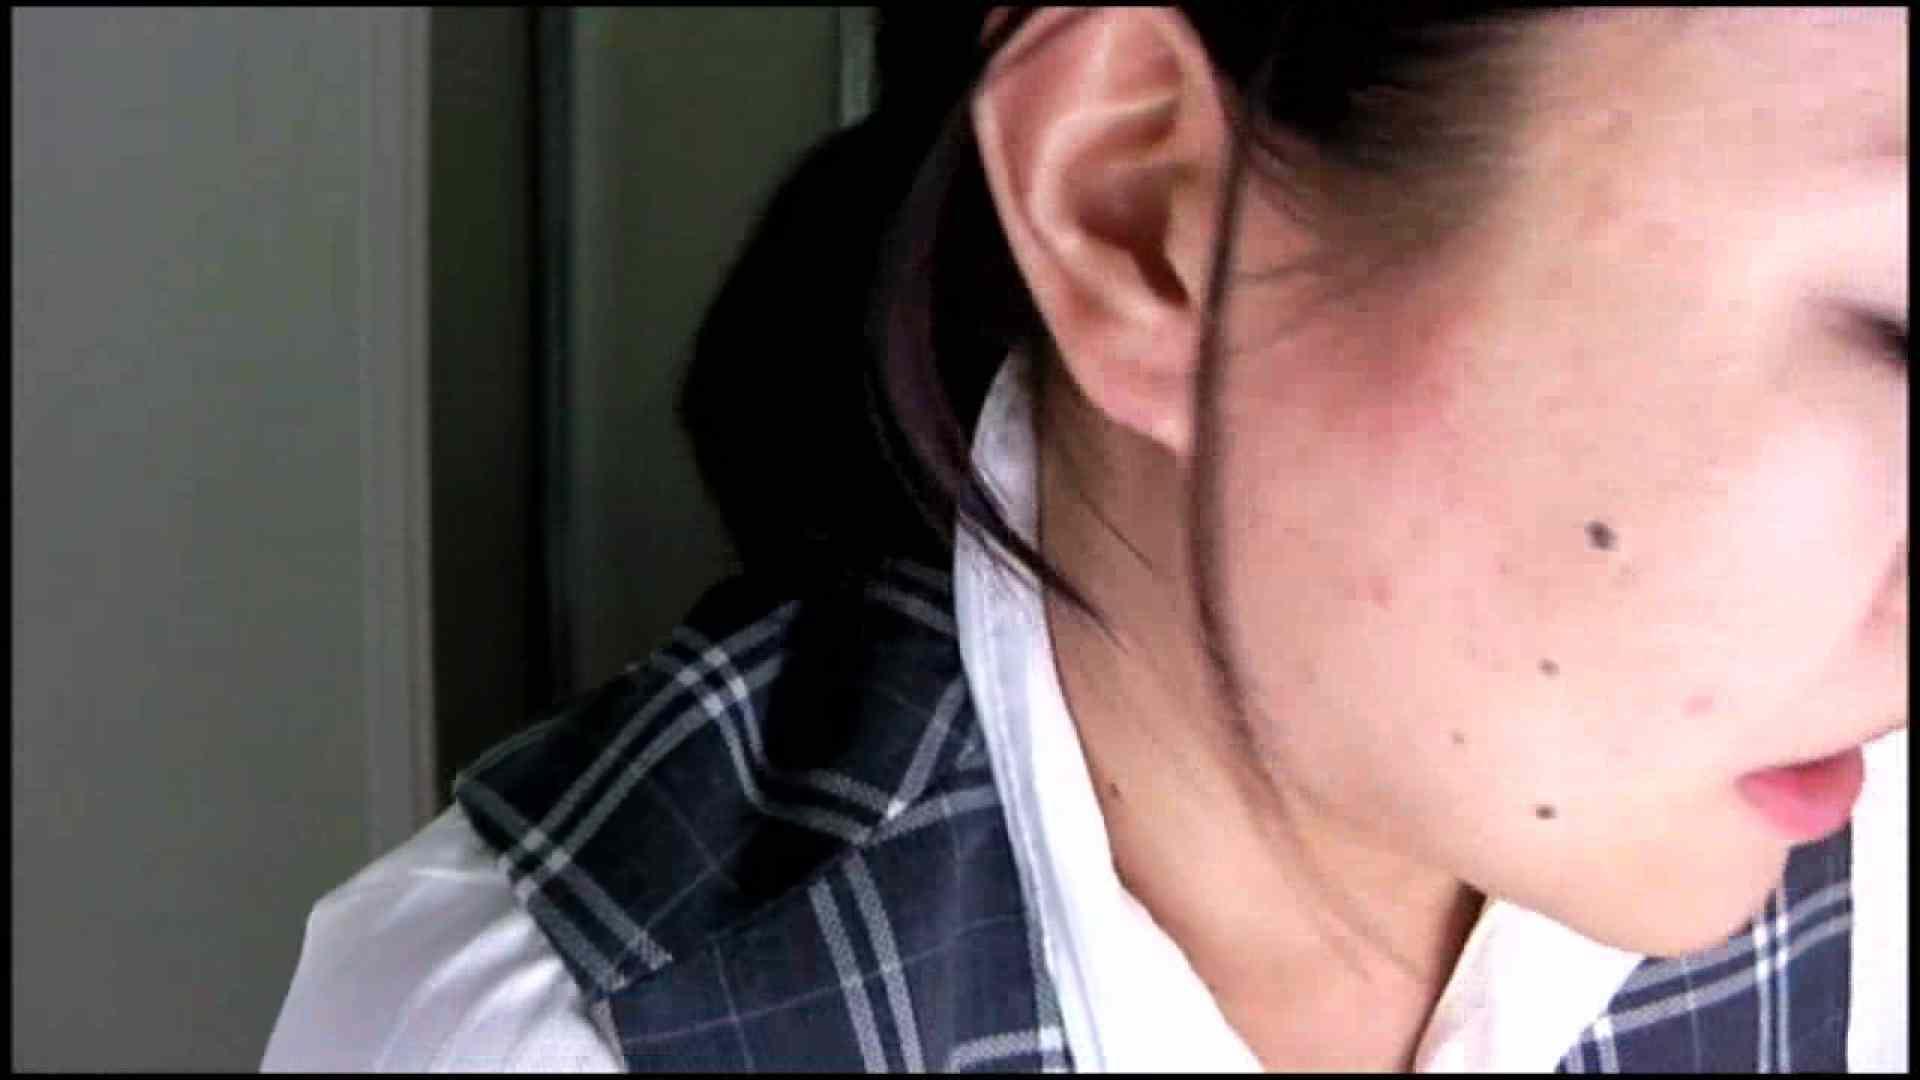 和式にまたがる女たちを待ちうけるカメラの衝撃映像vol.01 美しいOLの裸体  106pic 84